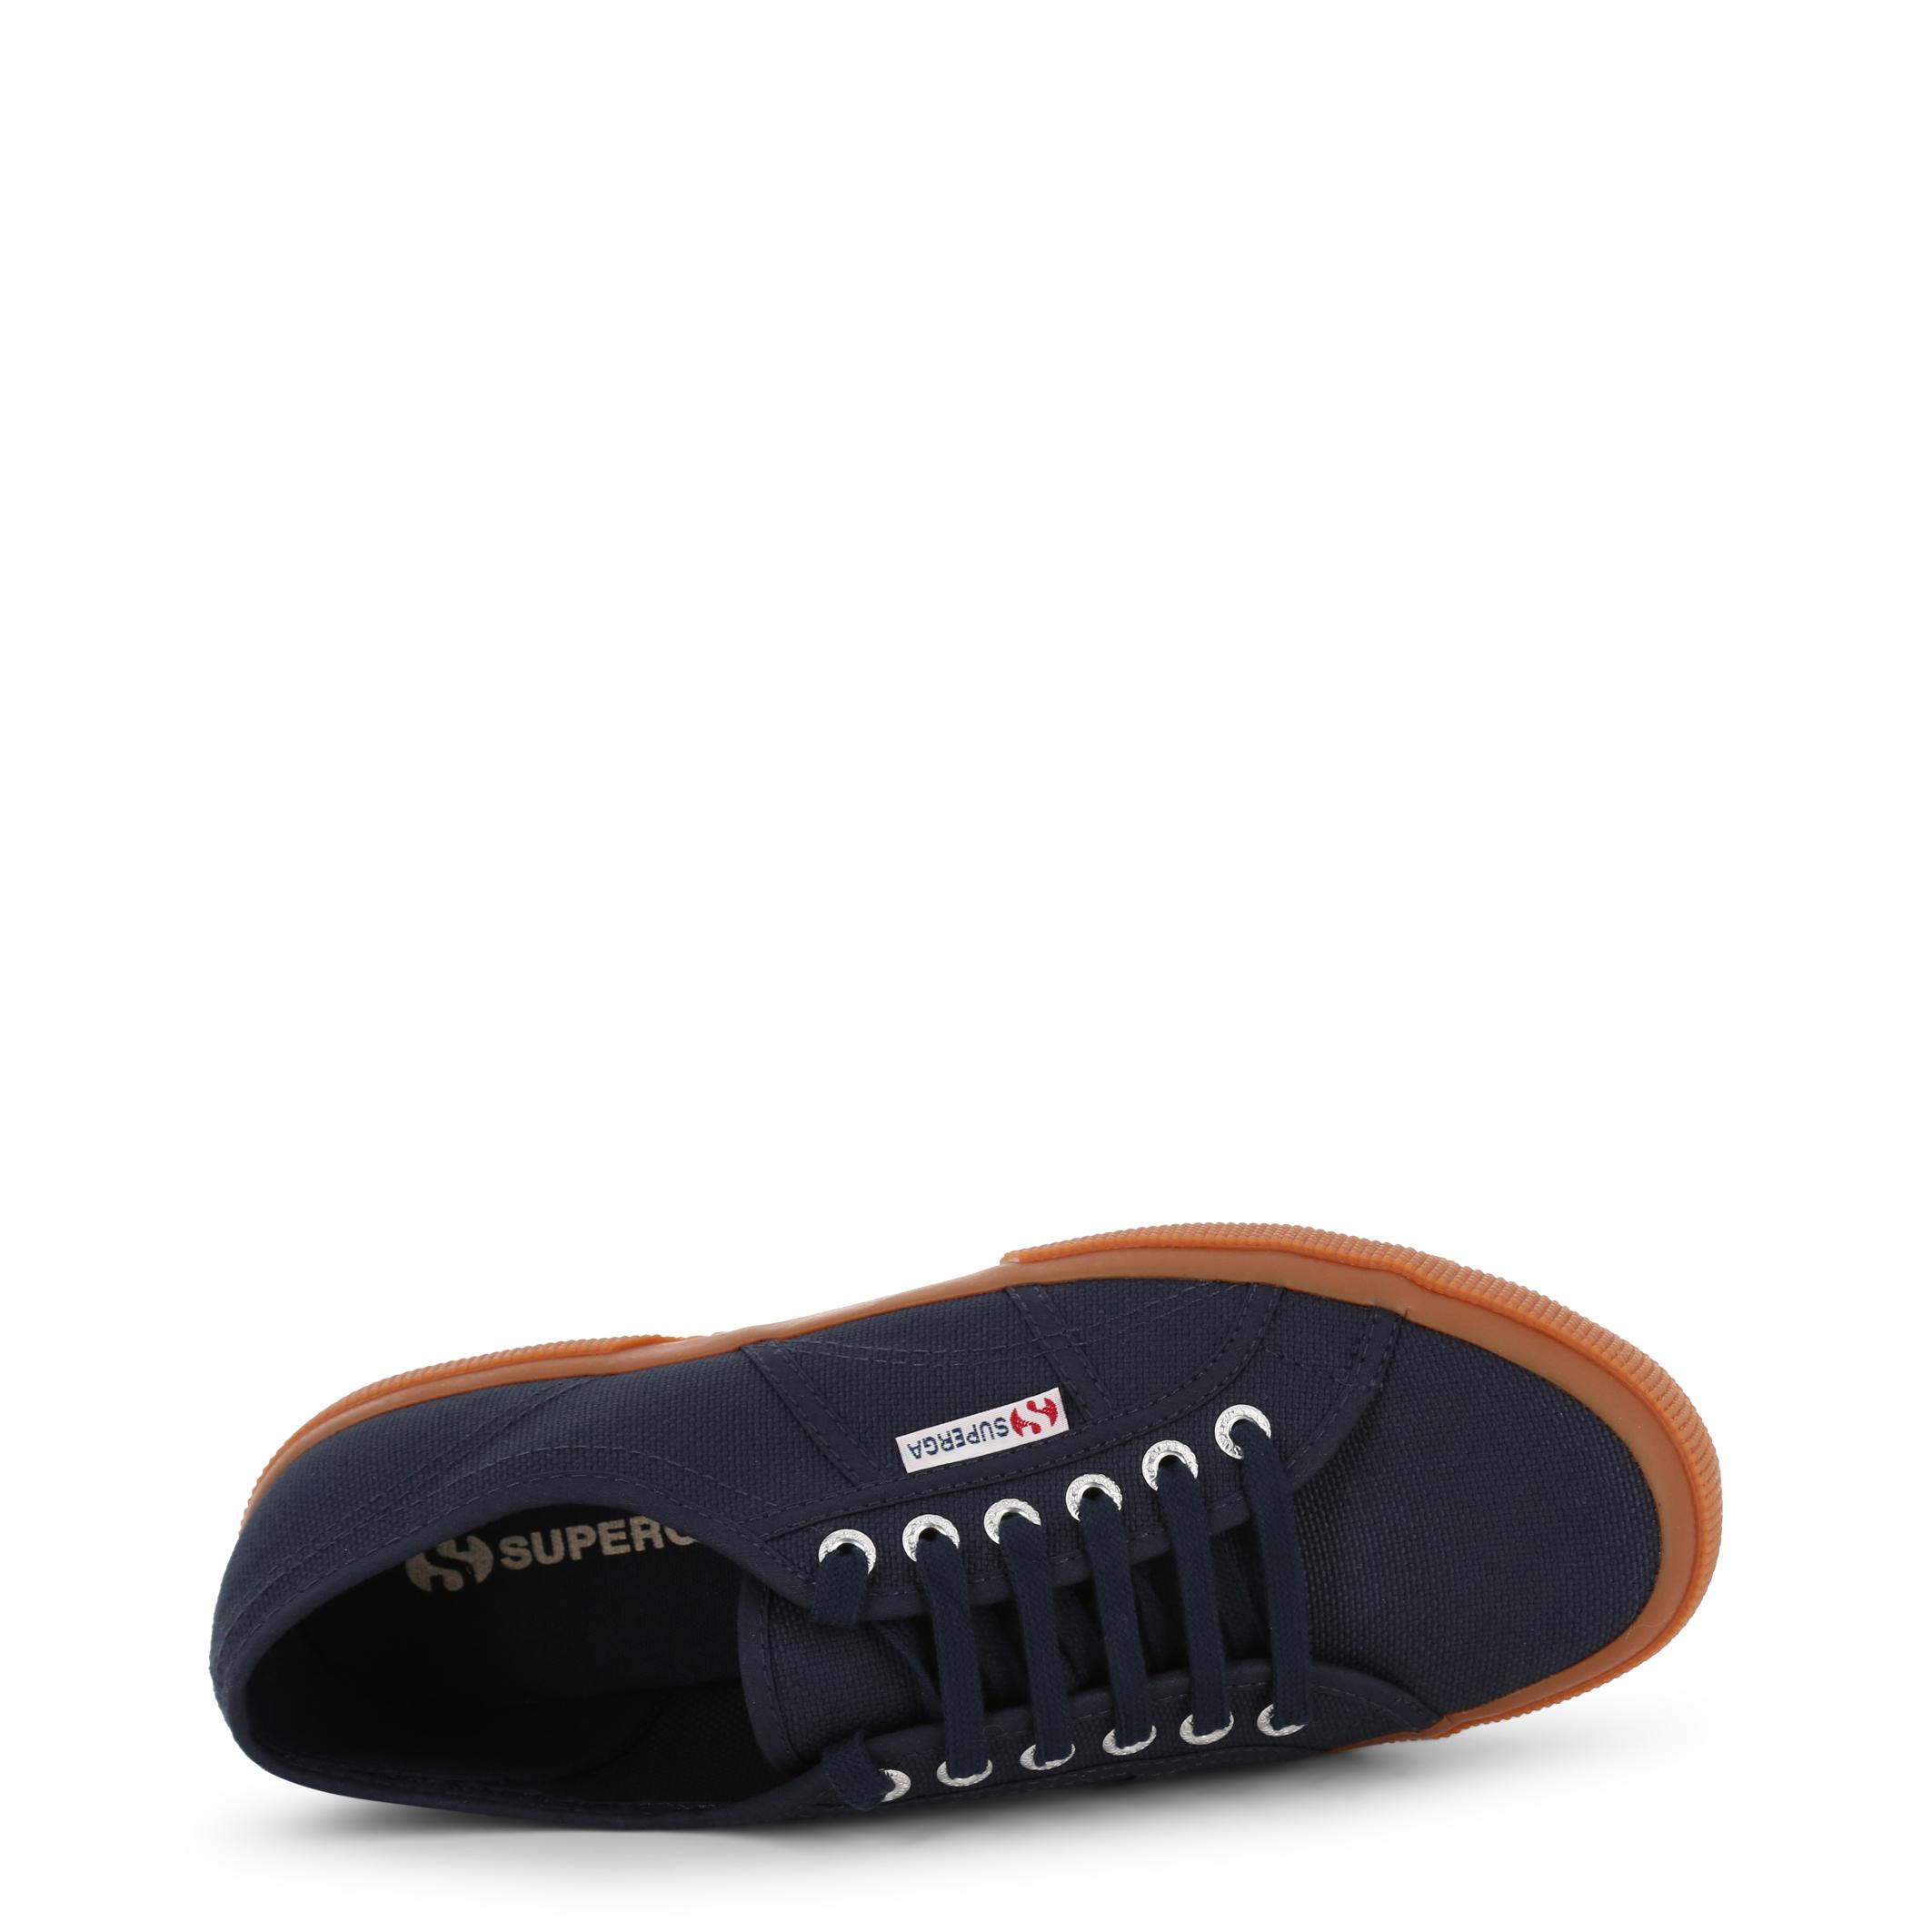 Sneakers-Superga-2750-COTU-CLASSIC-Unisex-Blu-98015 miniatura 3